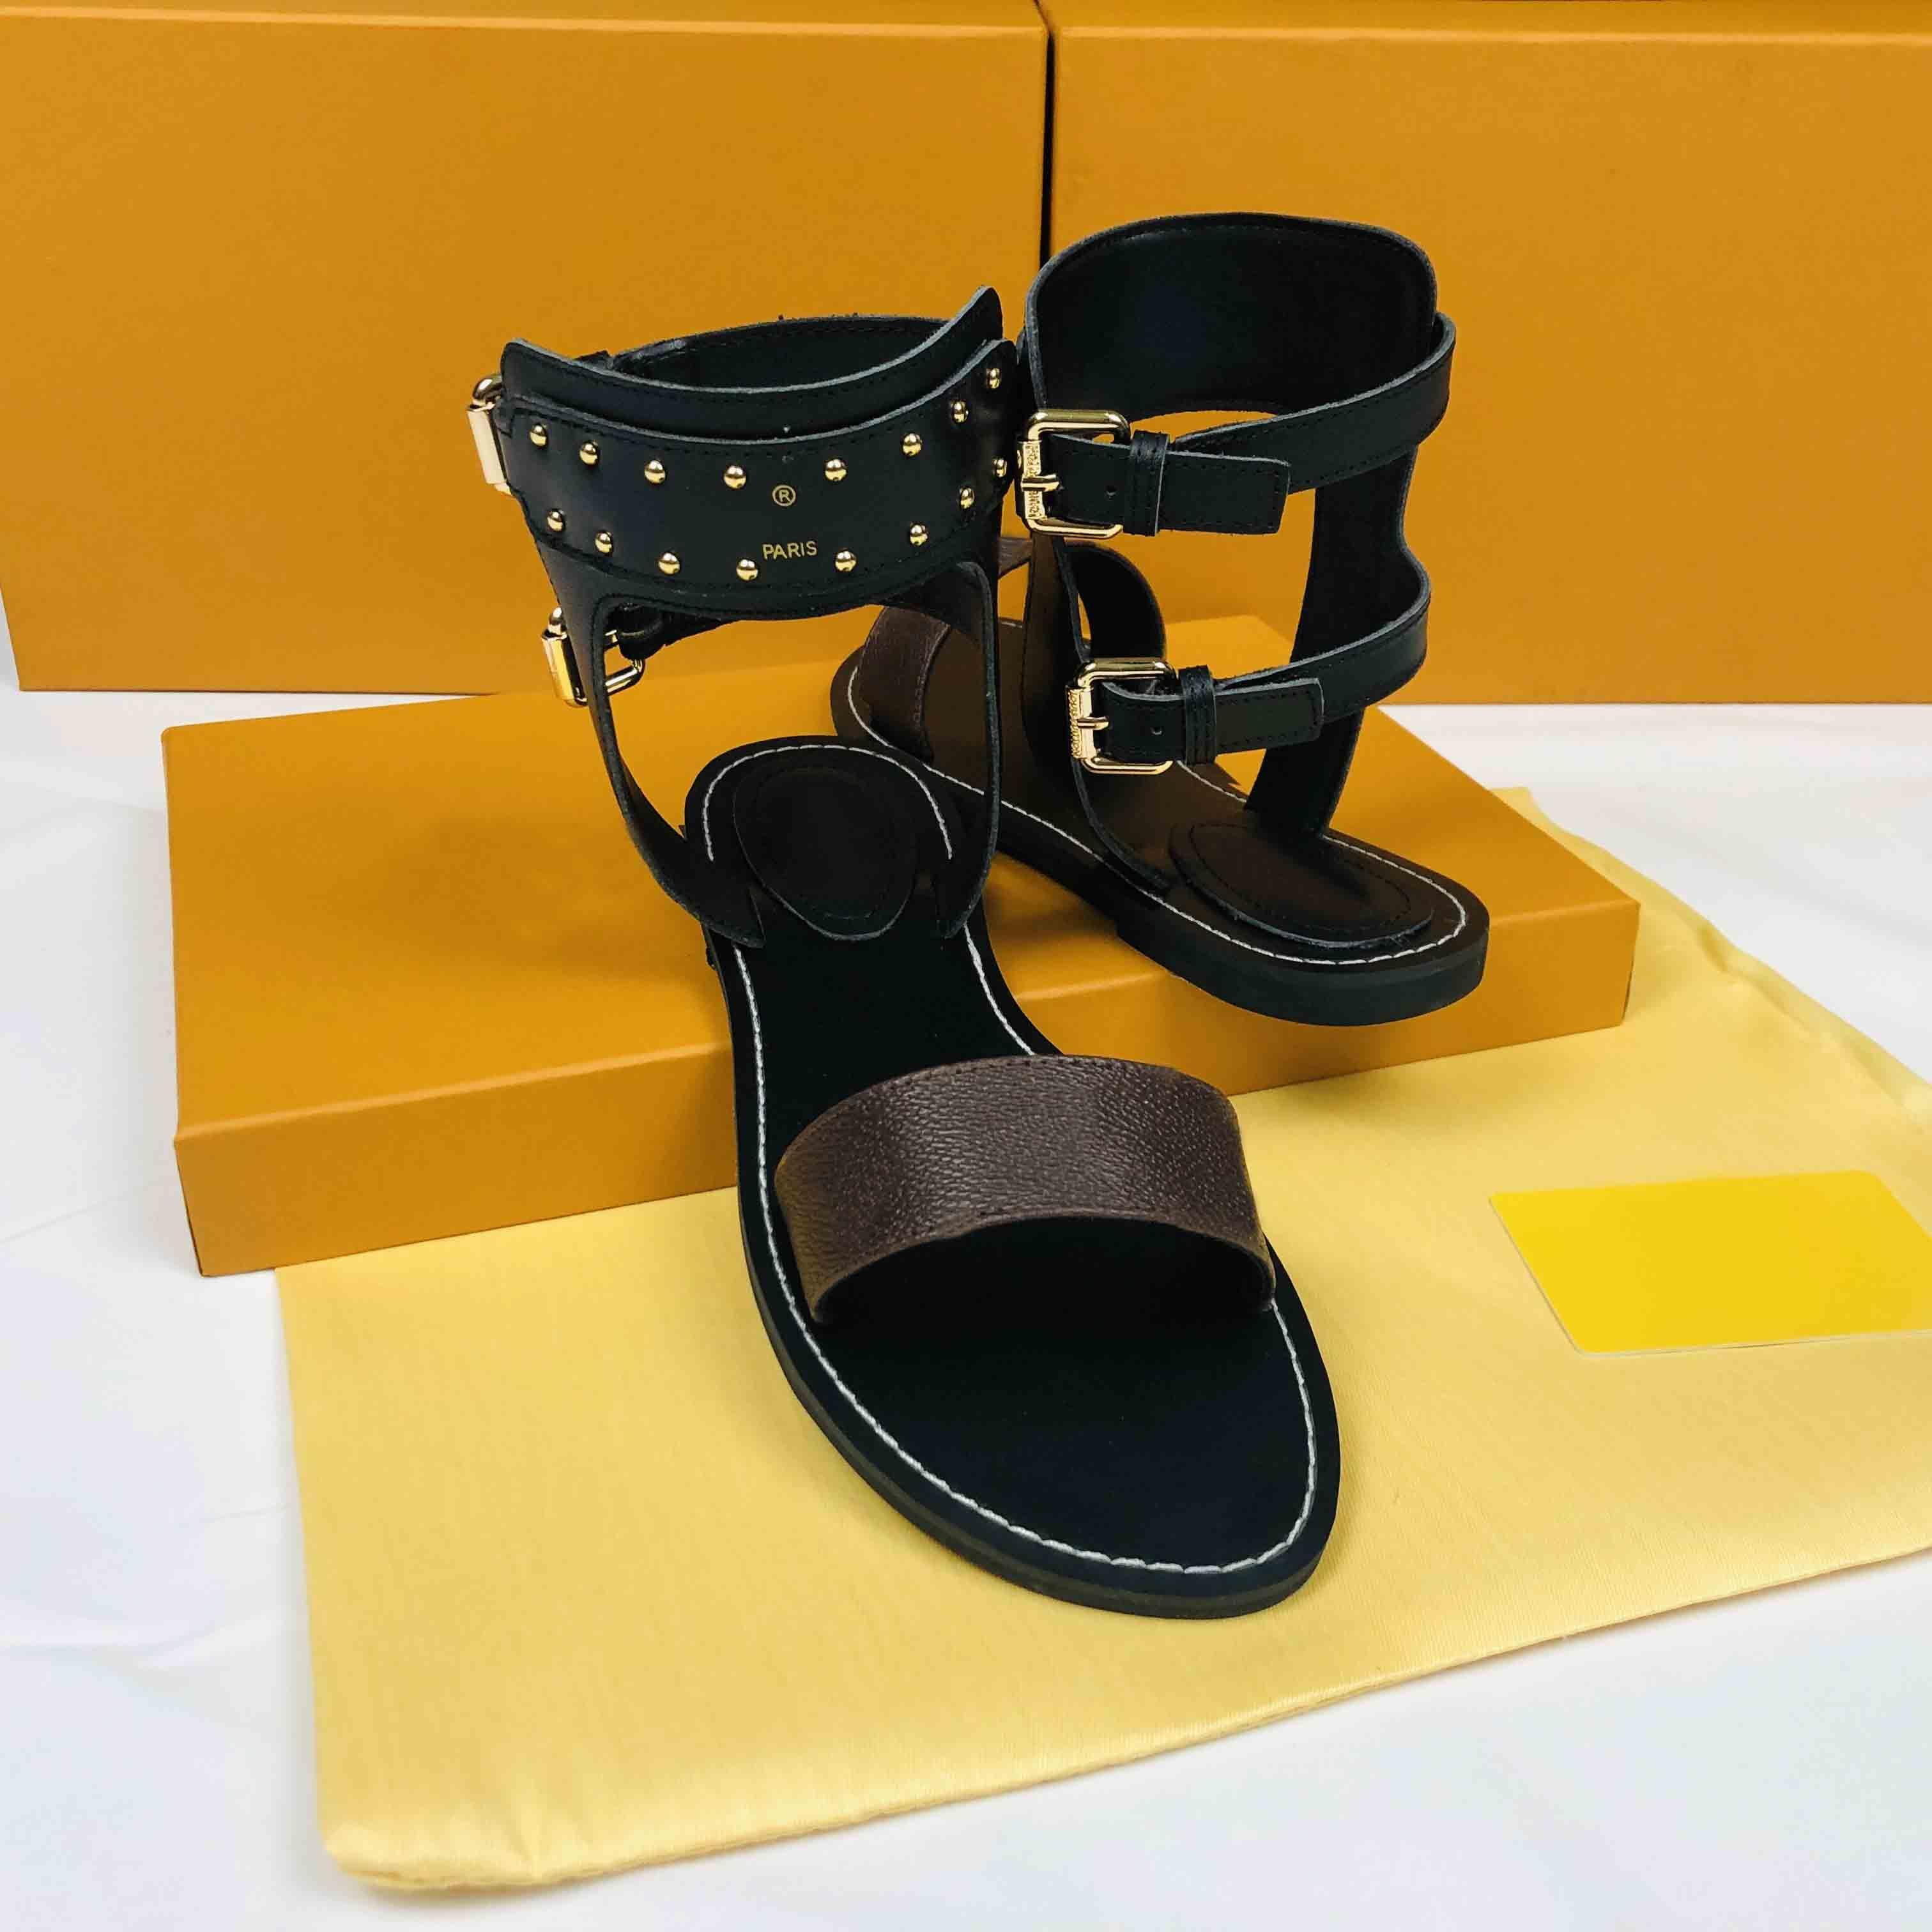 2021 Sandalet Luxurys Tasarımcılar Ayakkabı Marka Yaz Ayakkabı Tasarımcı Bayan Kadın Kayma Sivri Burun Sandal Seksi Slingback Pompaları Kutusu Boyutu 35-43